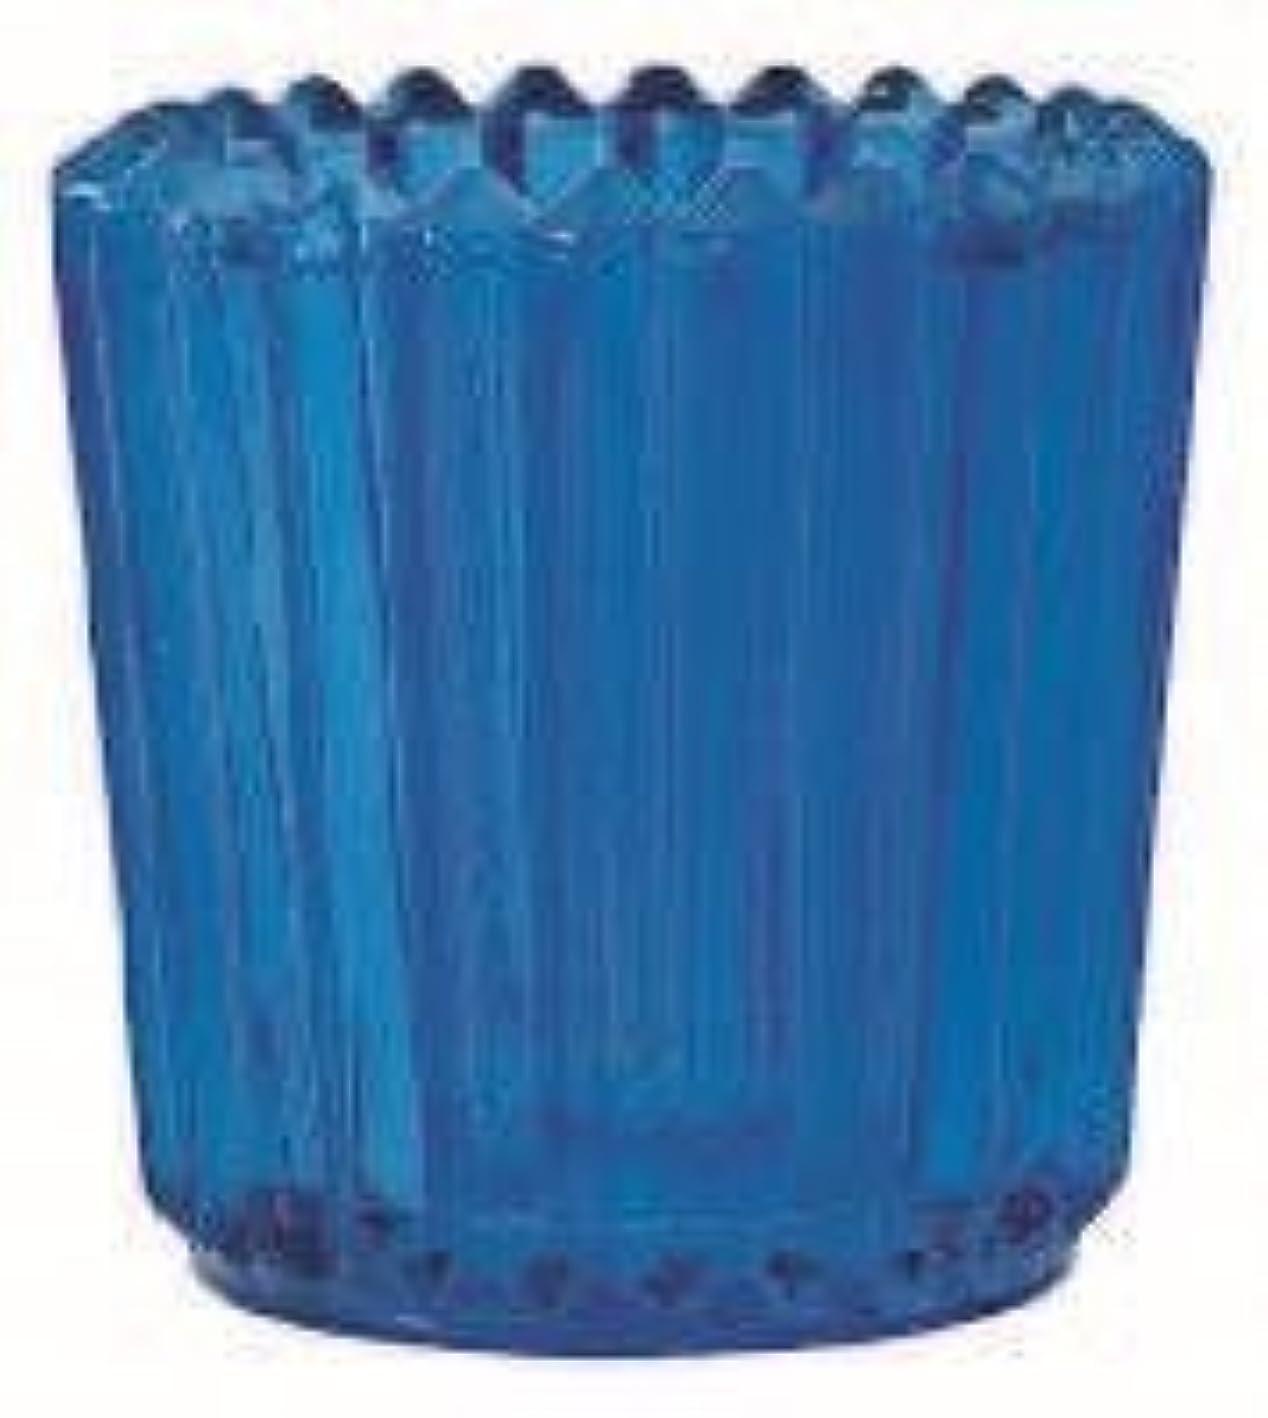 無意味式置き場kameyama candle(カメヤマキャンドル) ソレイユ 「 ブルー 」(J5120000BL)